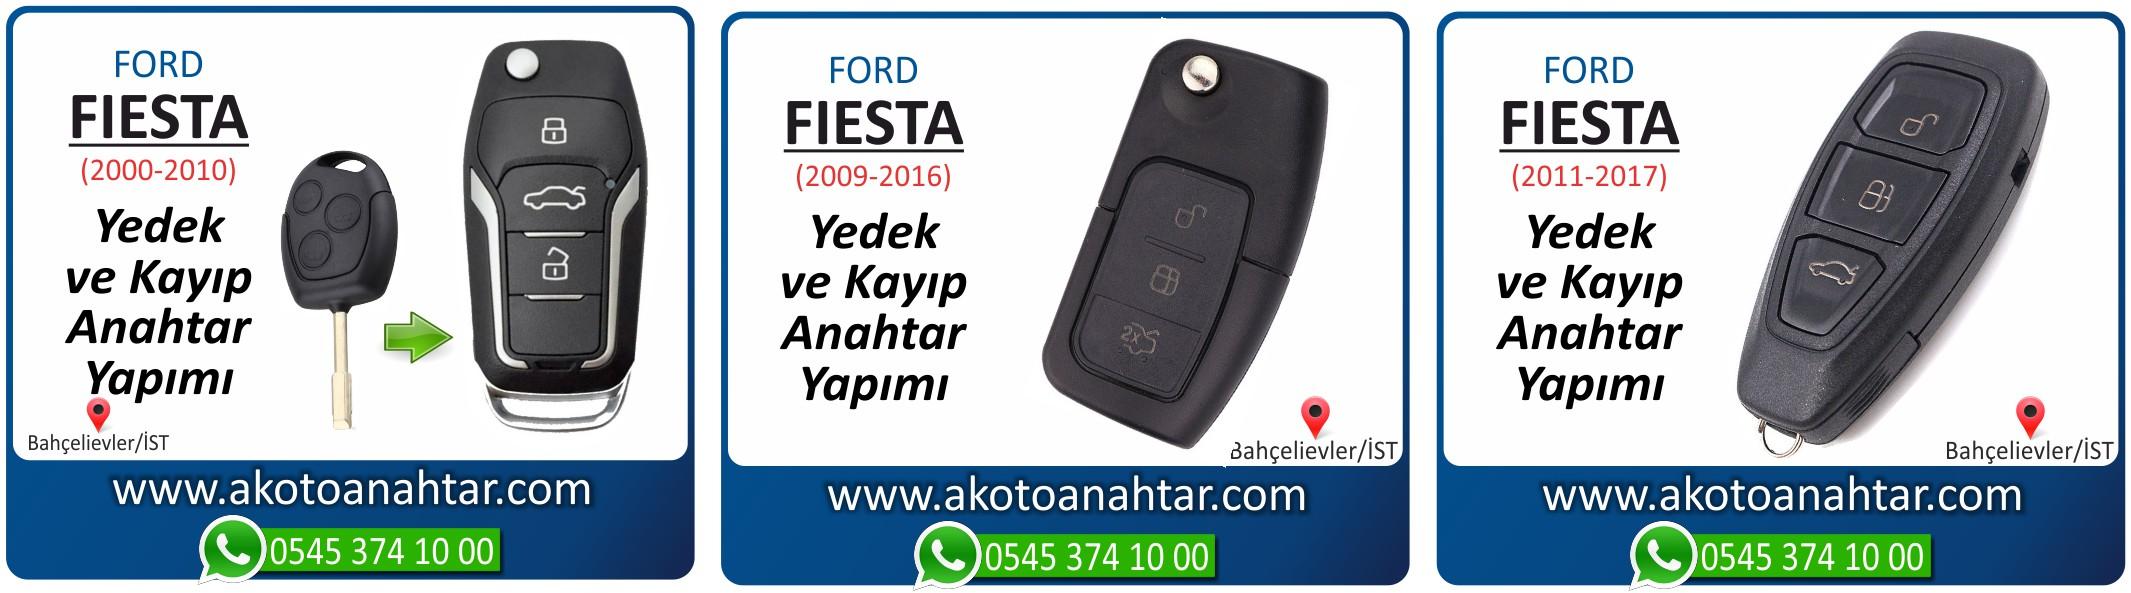 fiesta anahtari - Ford Fiesta Anahtarı | Yedek ve Kayıp Anahtar Yapımı Fiyatı